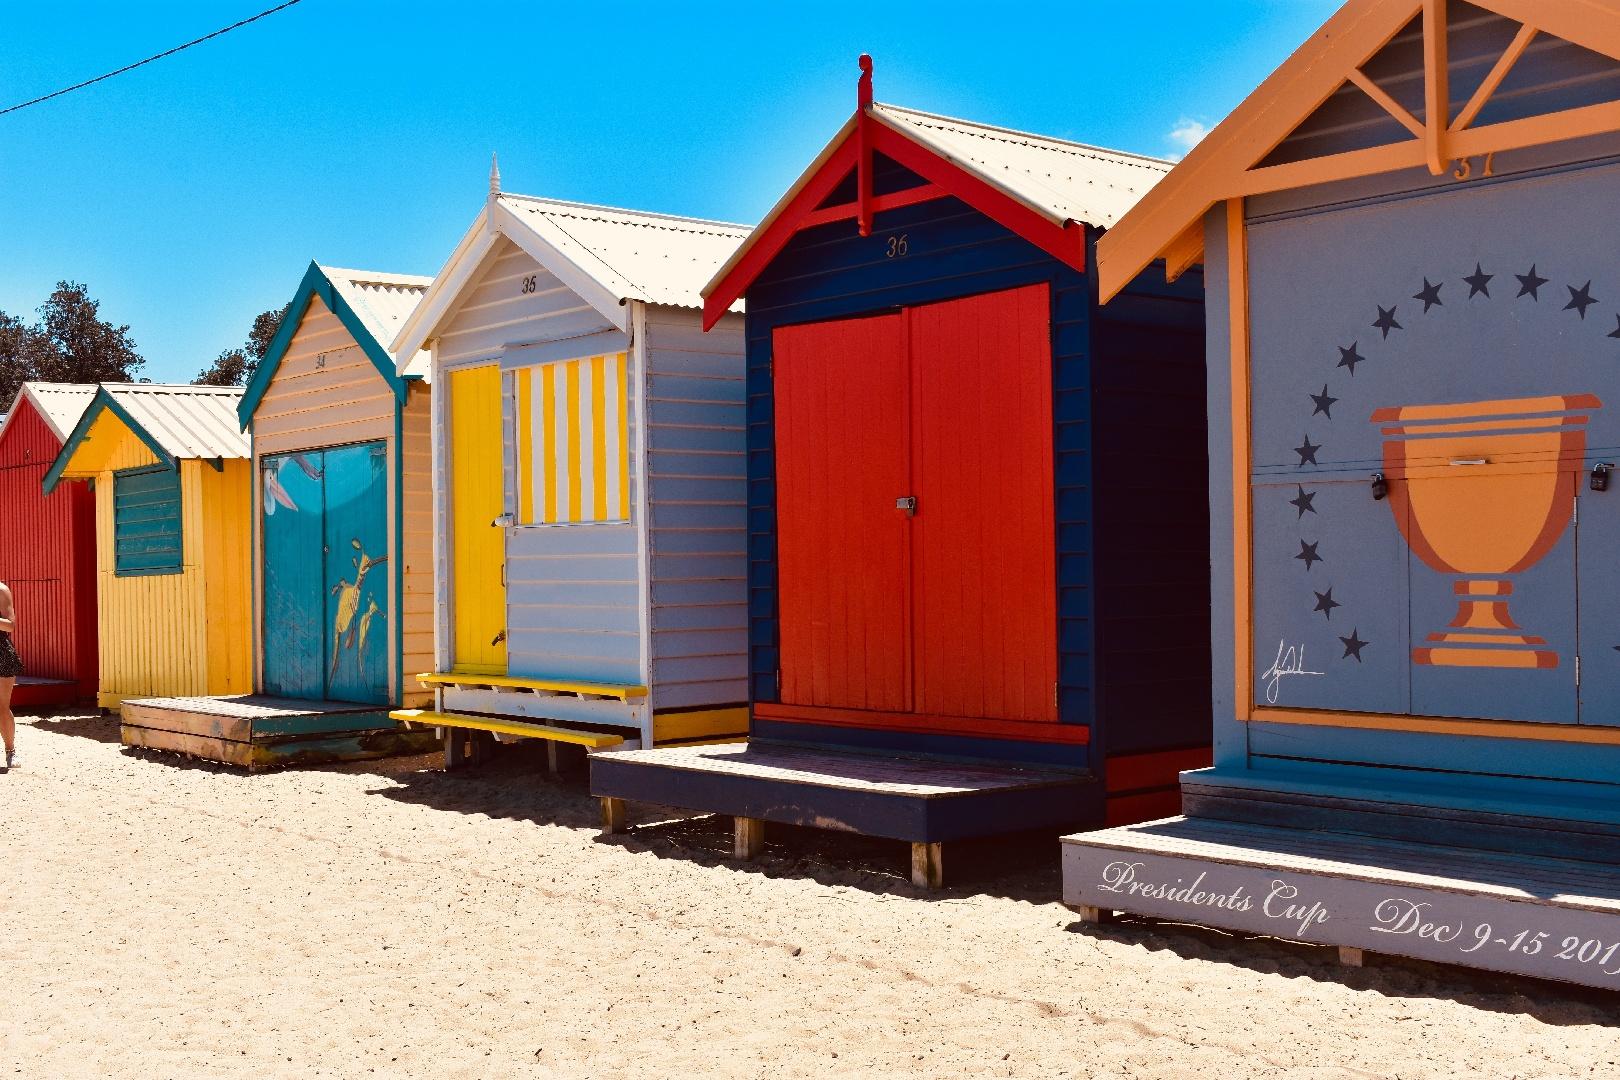 CIONET Australia